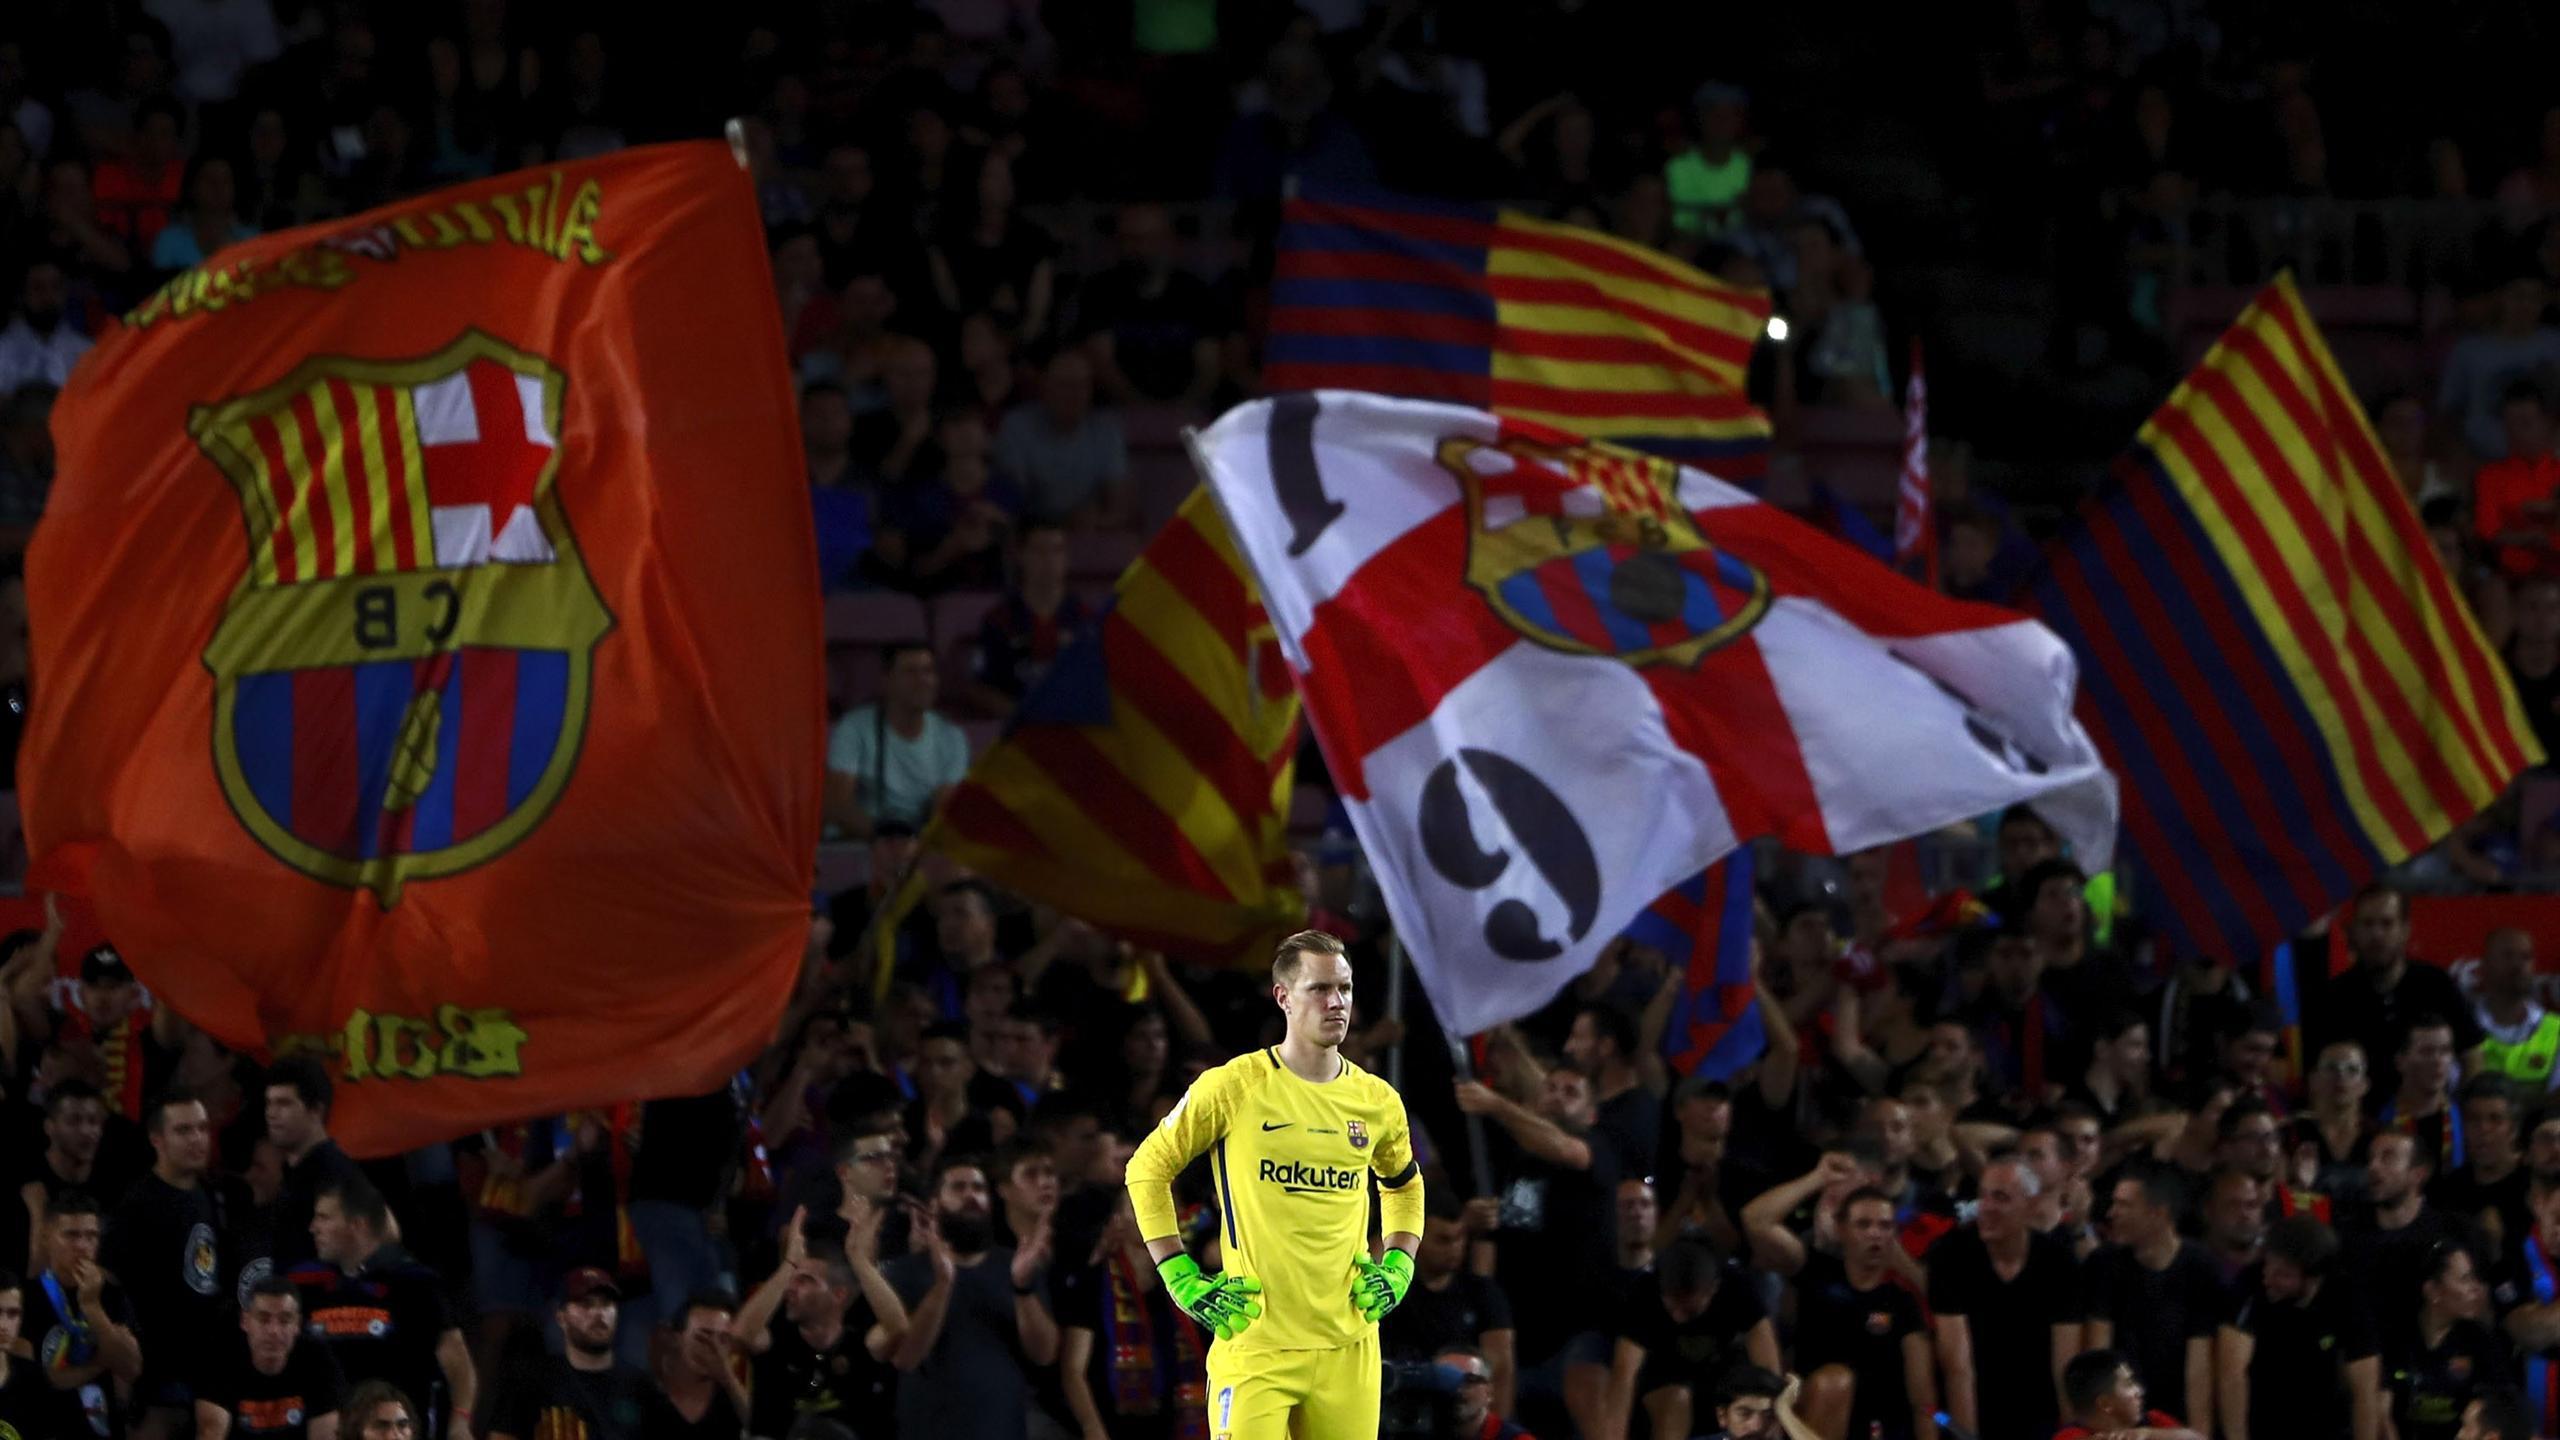 Cif испания футбол